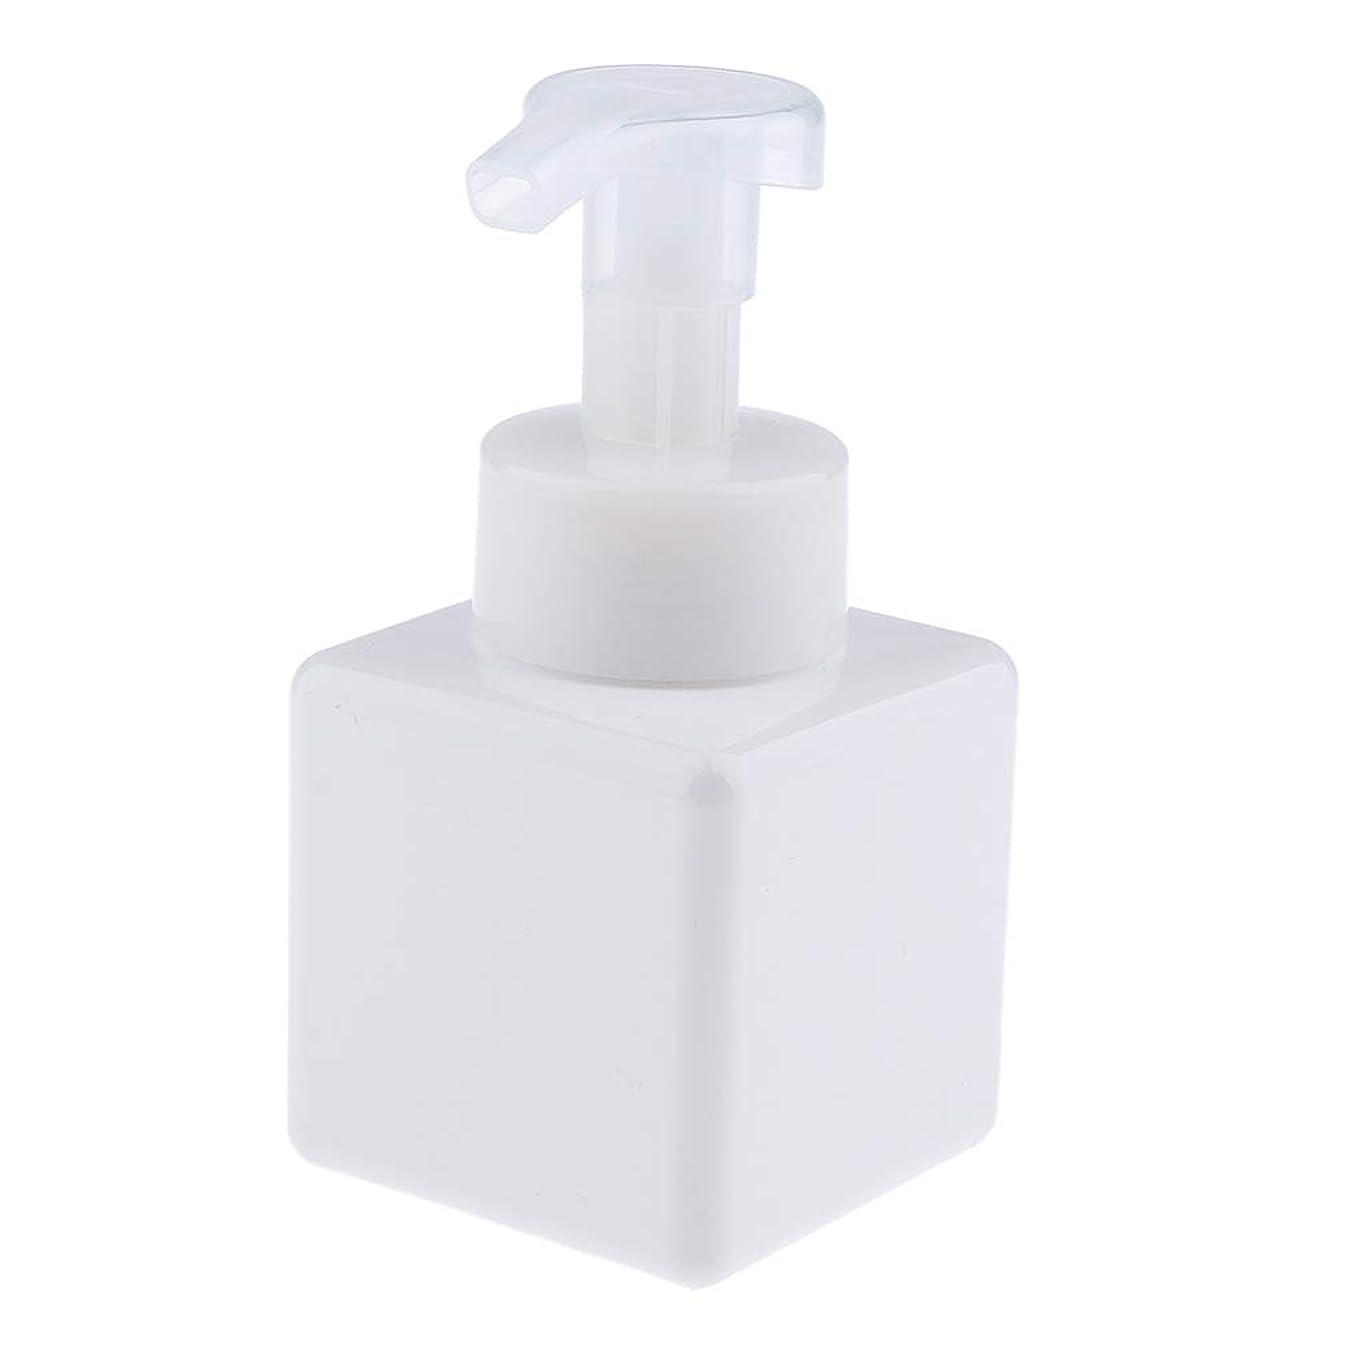 リングバック次へ南東B Baosity フォームディスペンサー ポンプボトル 250ml 化粧品 石鹸 シャンプー スキンケア 洗顔料 6色選べ - 白